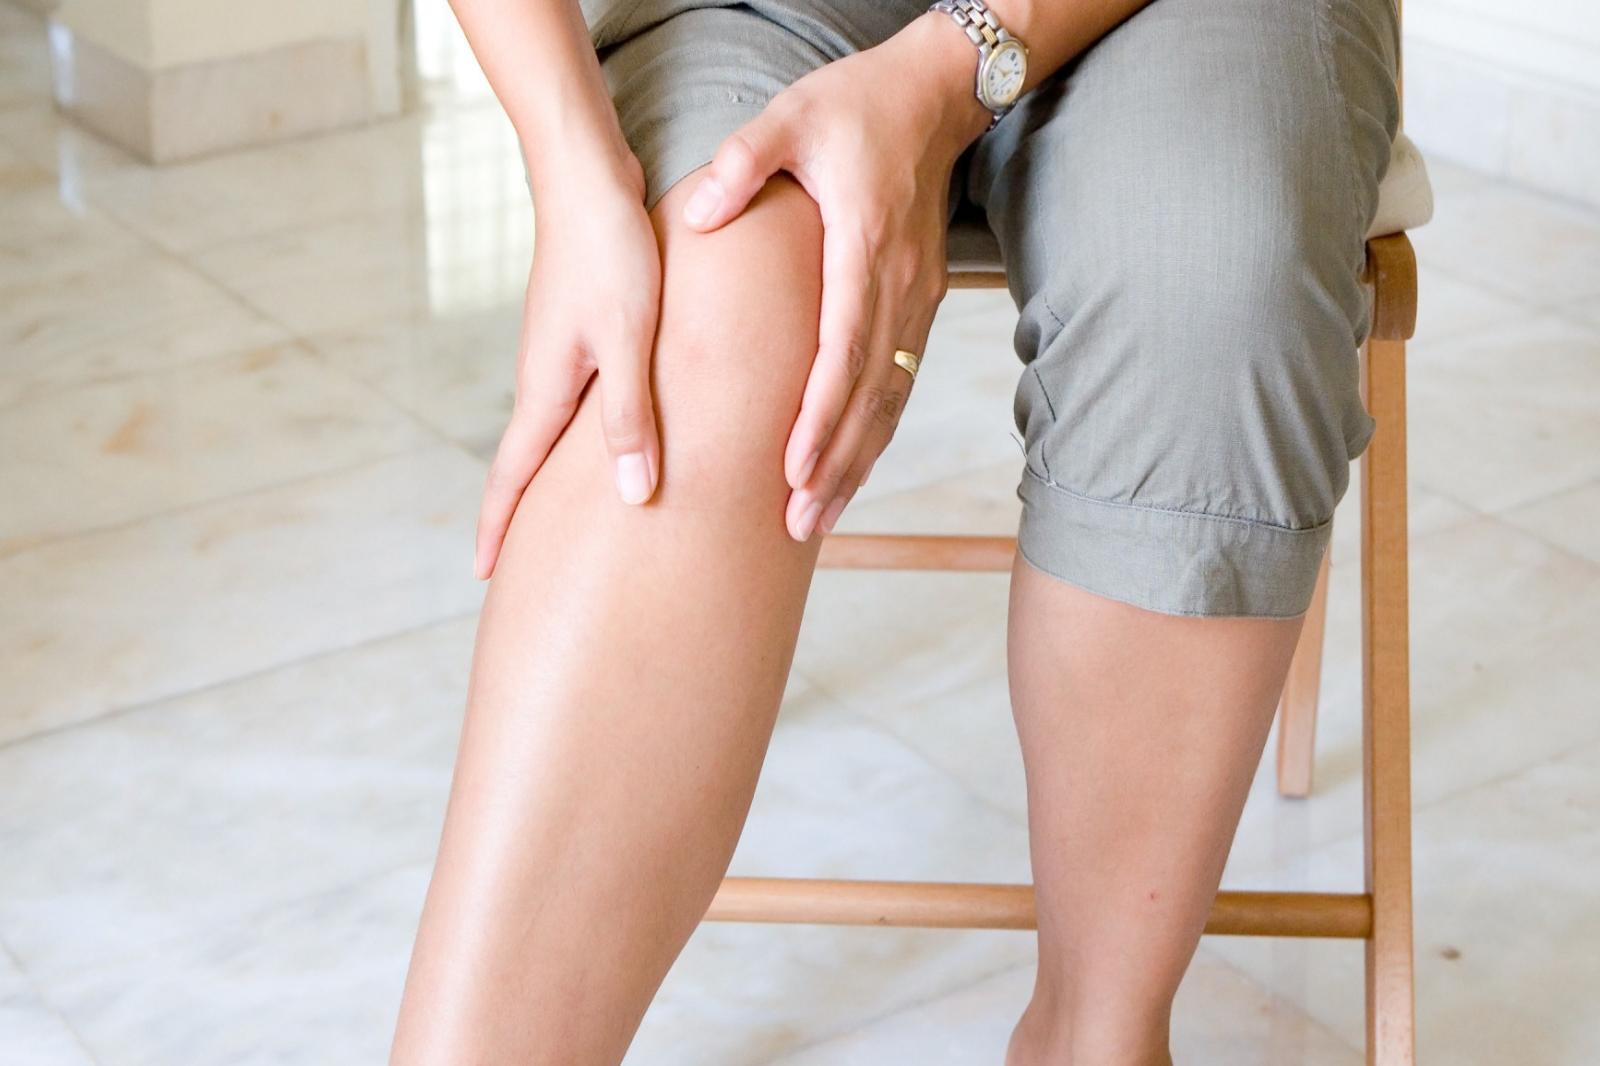 consejos de dieta para el síndrome de piernas inquietas